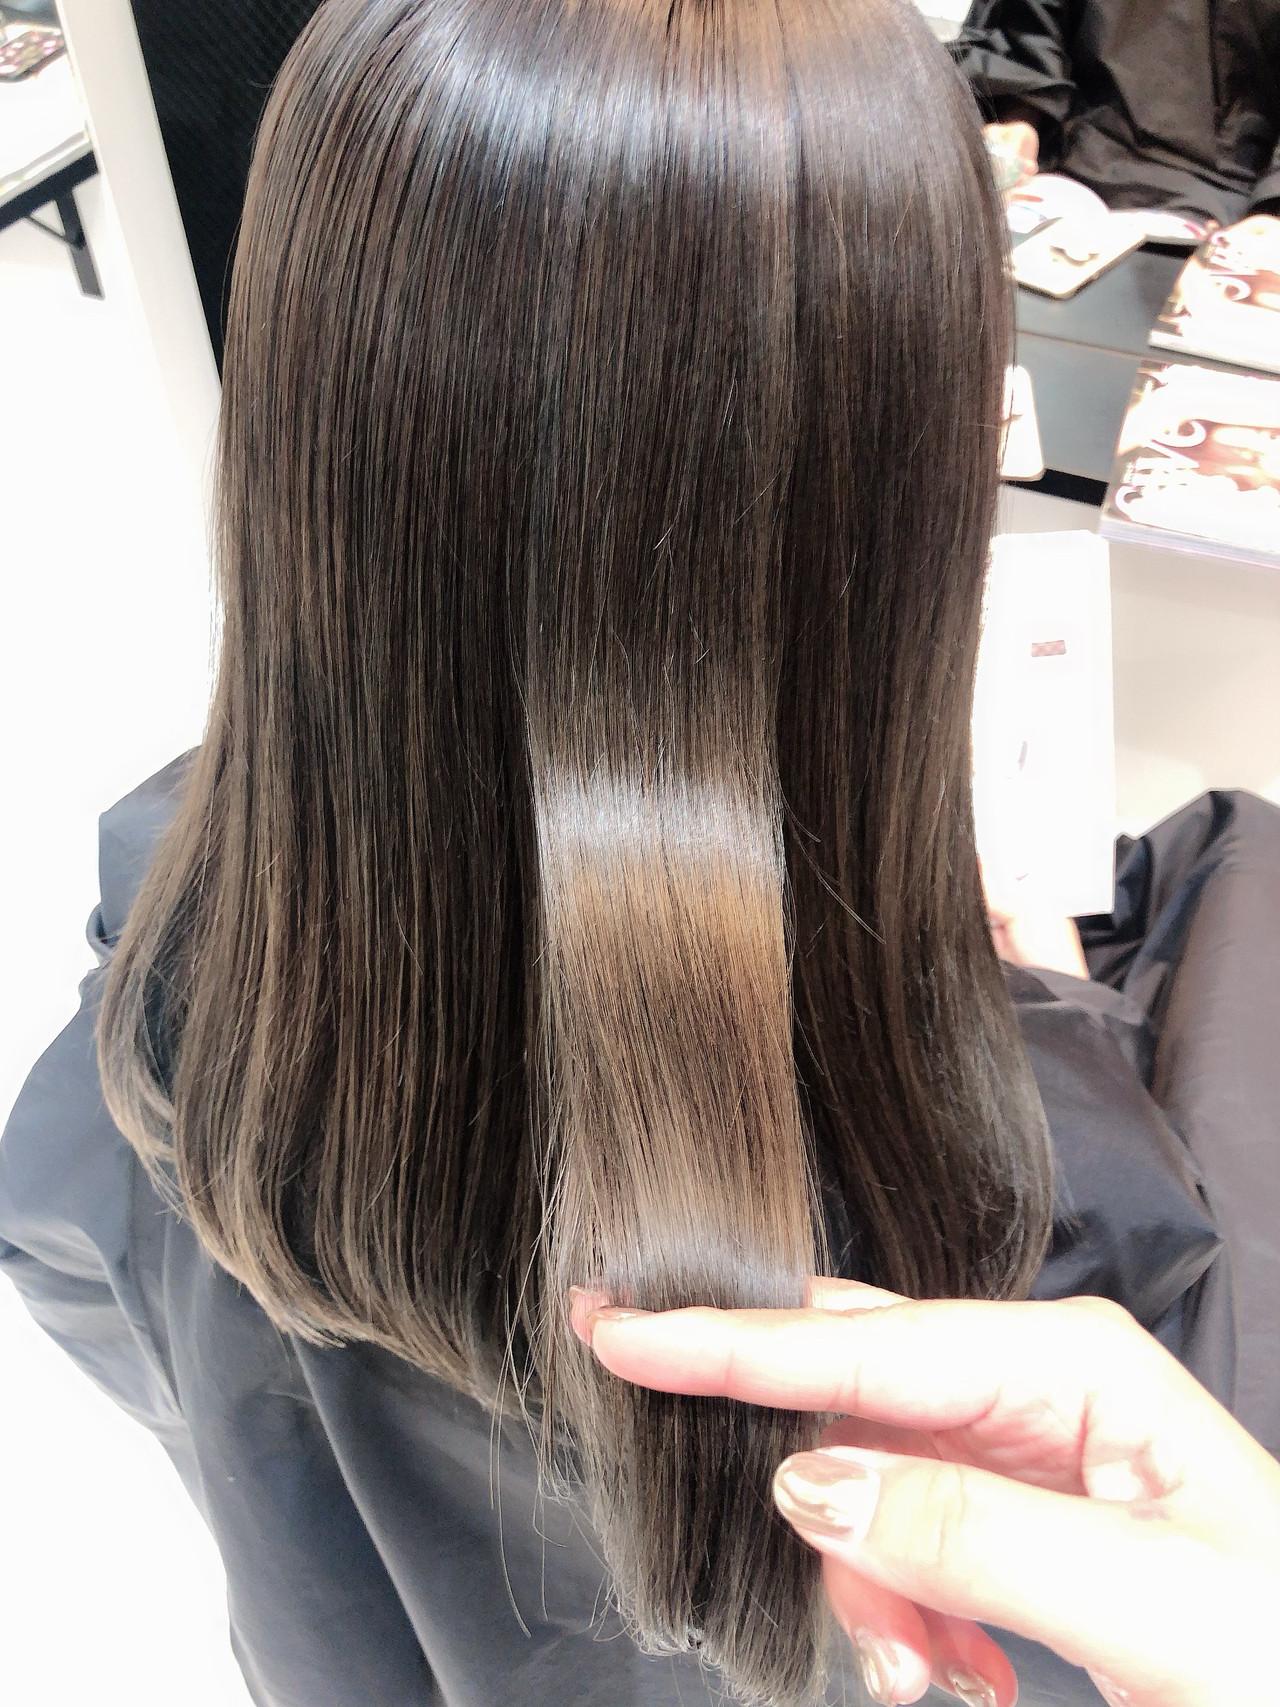 オリーブベージュ ストレート セミロング オリーブカラー ヘアスタイルや髪型の写真・画像